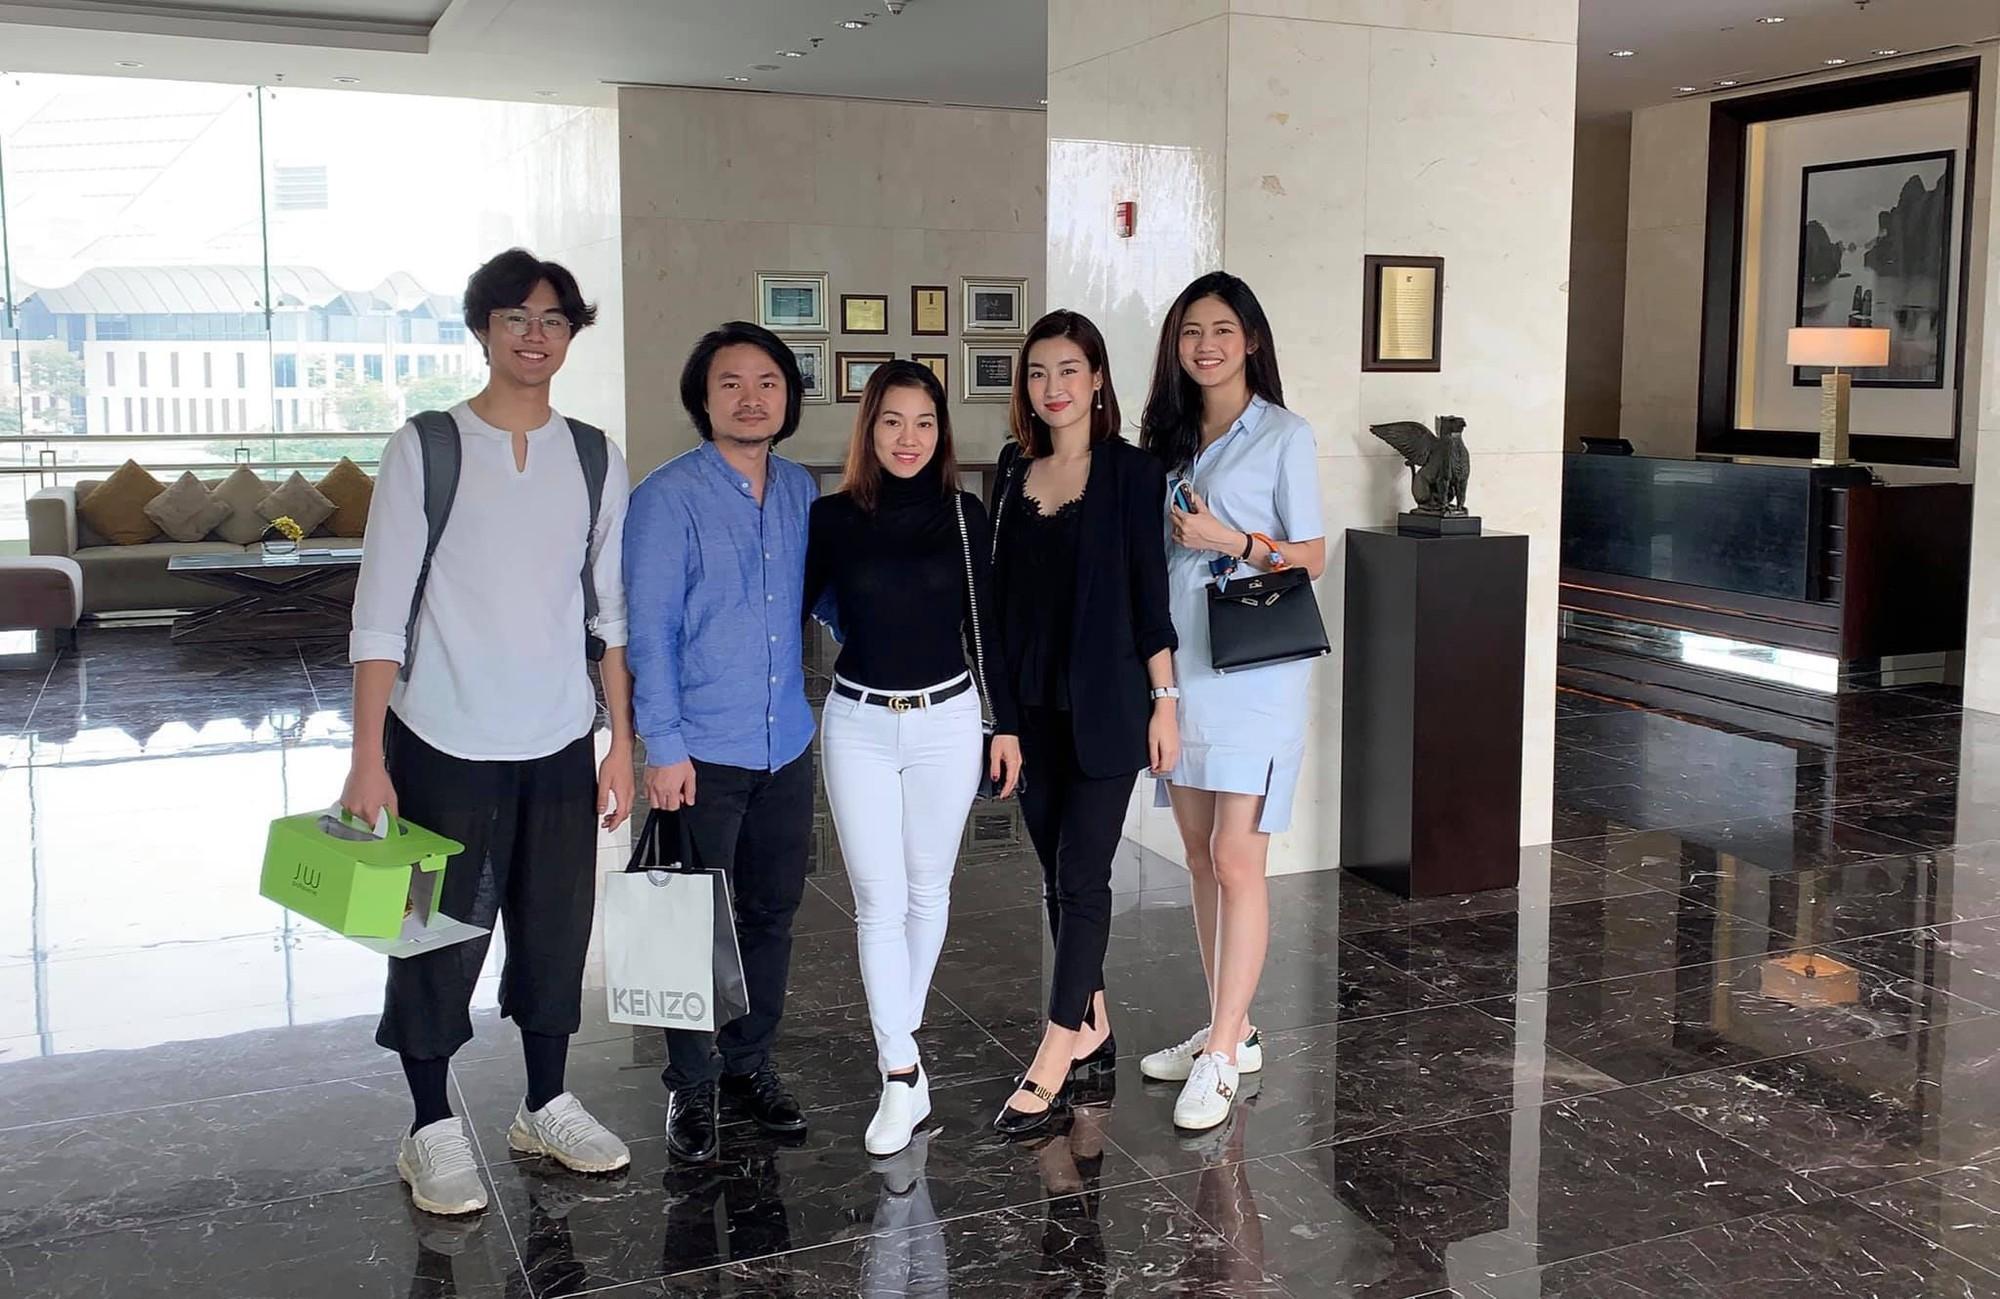 Showbiz Việt chuẩn bị chào đón 5 nhóc tỳ sắp chào đời: Gây chú ý nhất từ khi mới báo tin vui là gia đình thứ 2! - Ảnh 12.